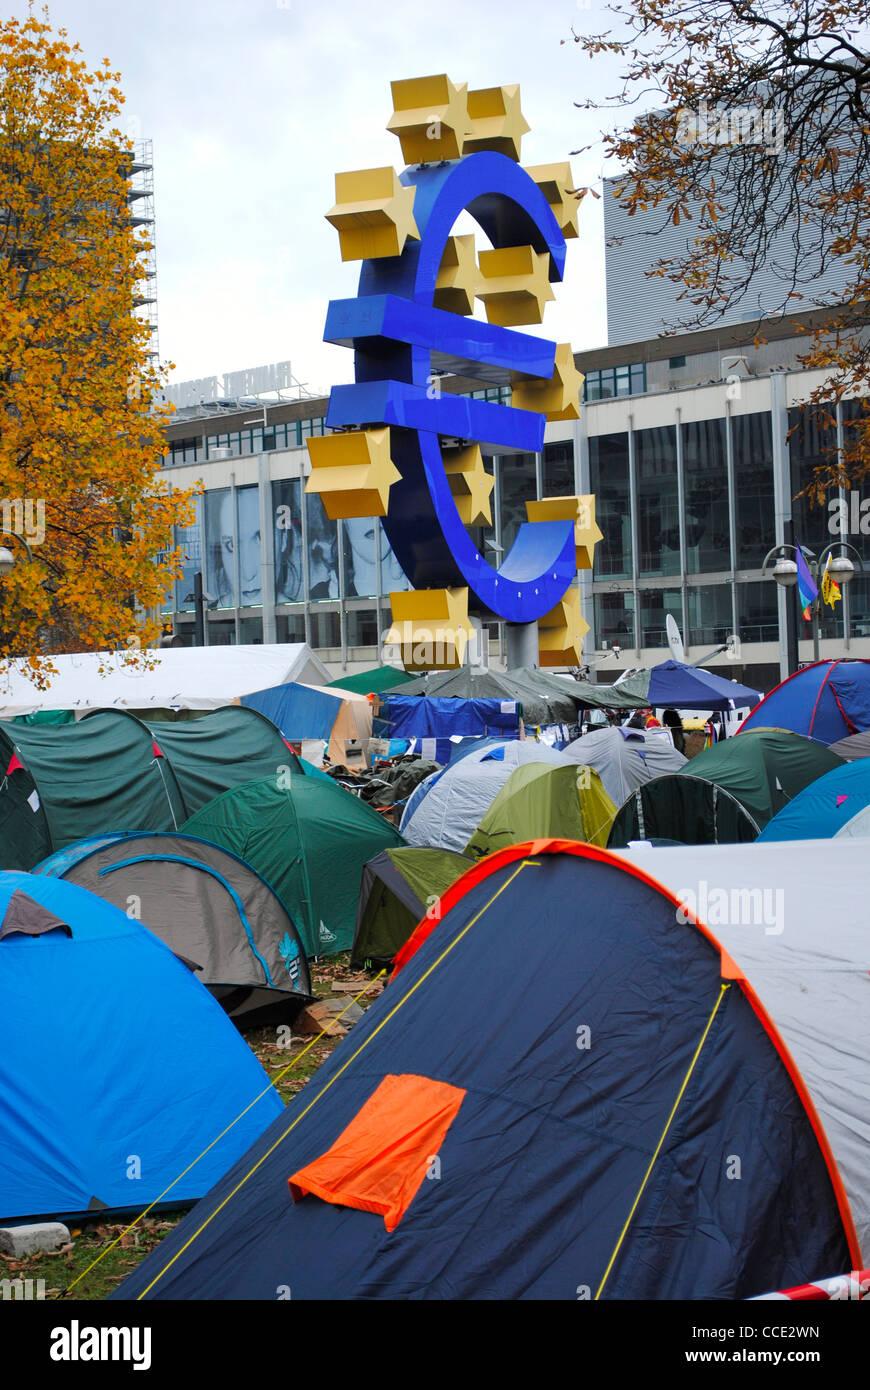 Camp en dehors de Francfort occupe la Banque centrale européenne, Allemagne Photo Stock